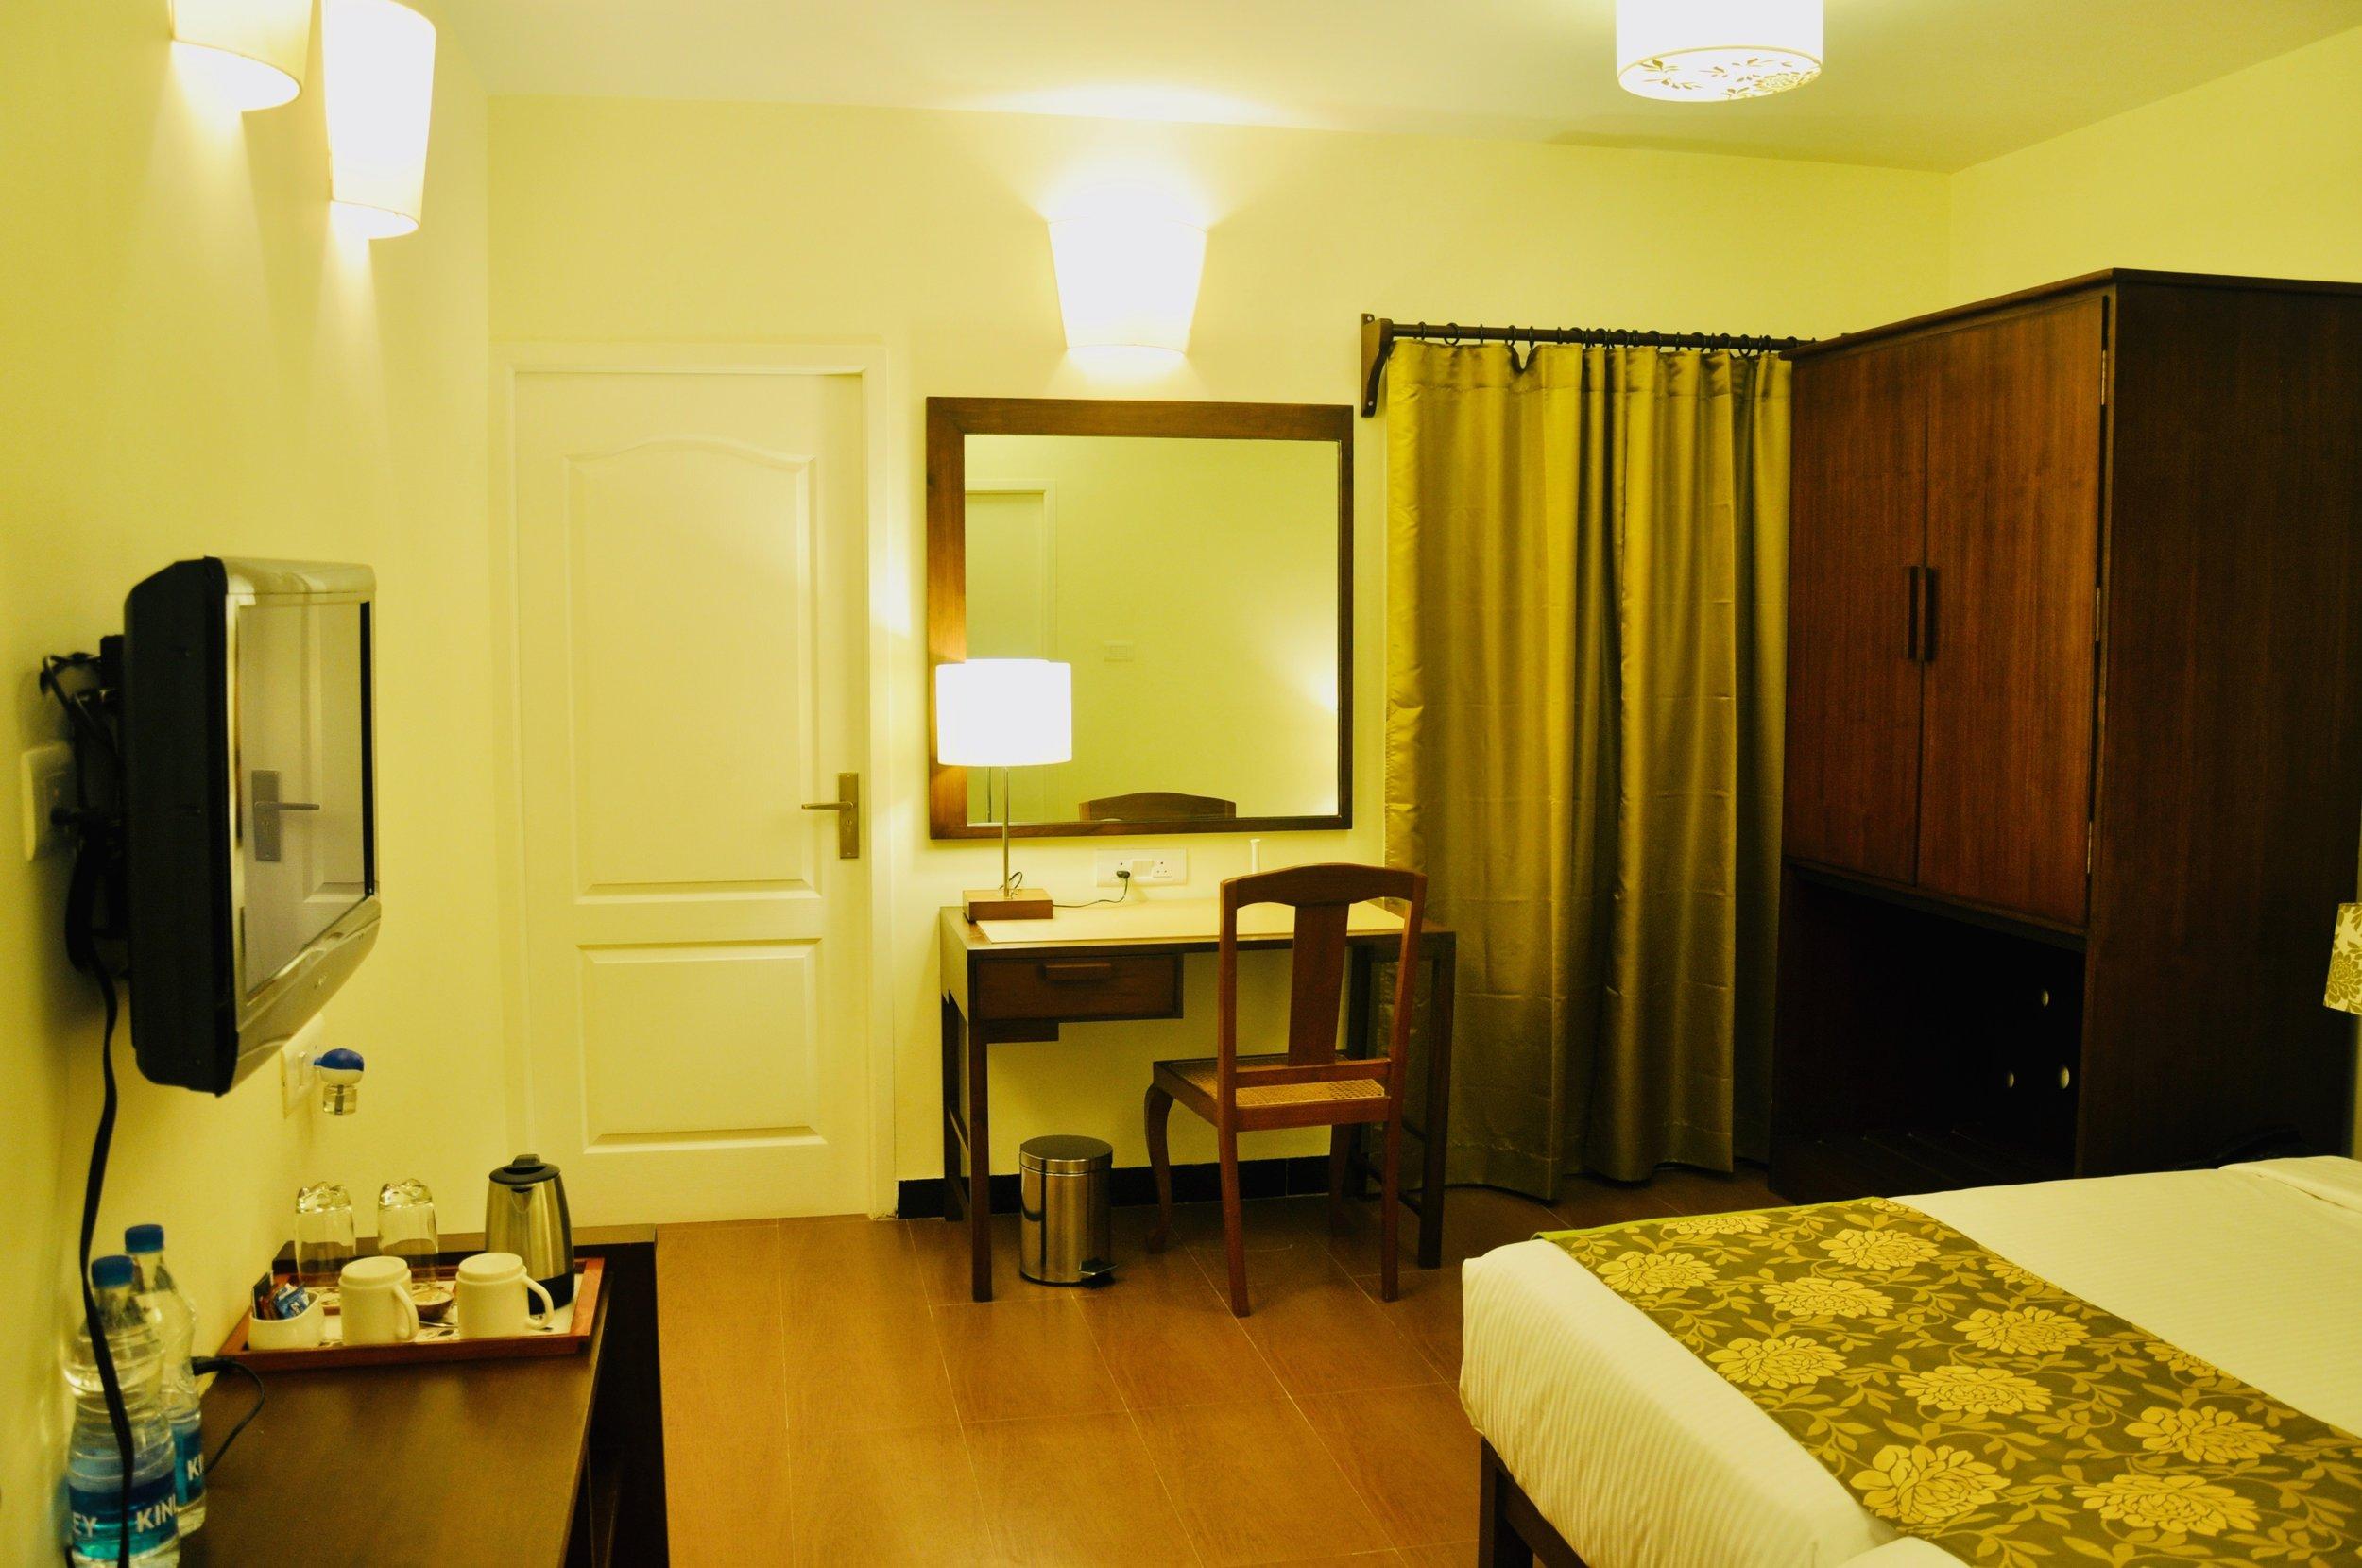 Room3.jpeg